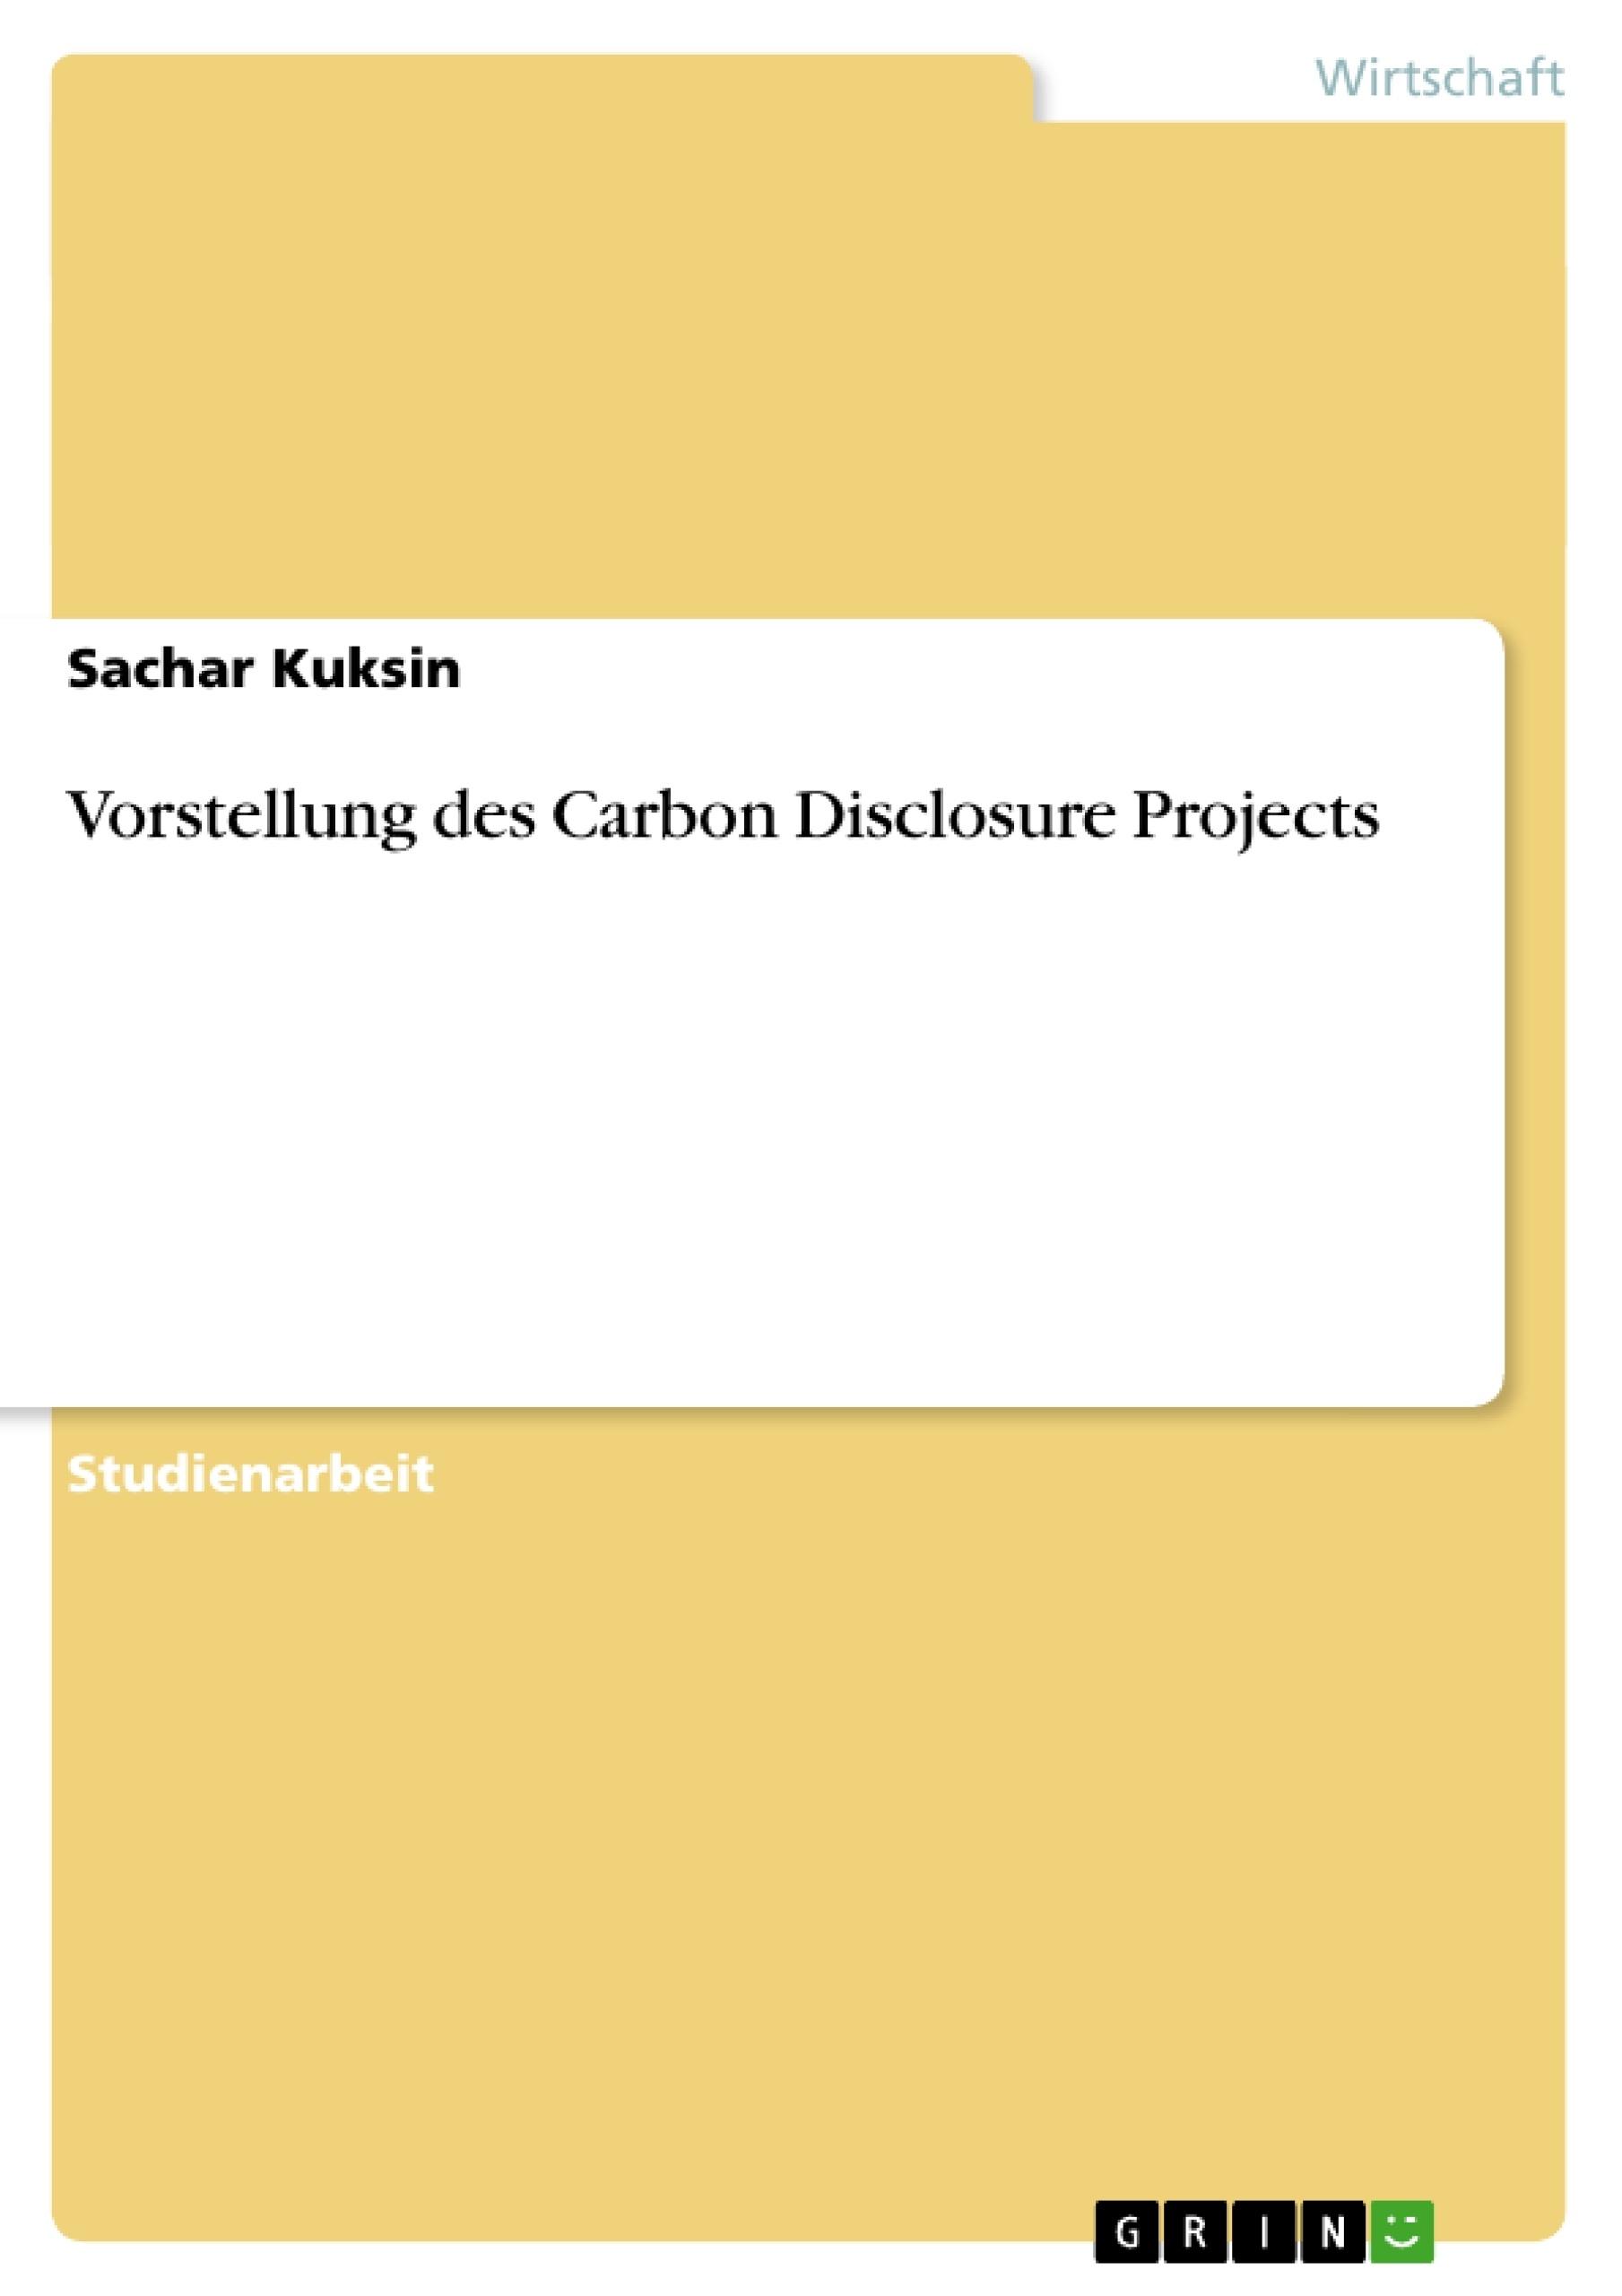 Titel: Vorstellung des Carbon Disclosure Projects